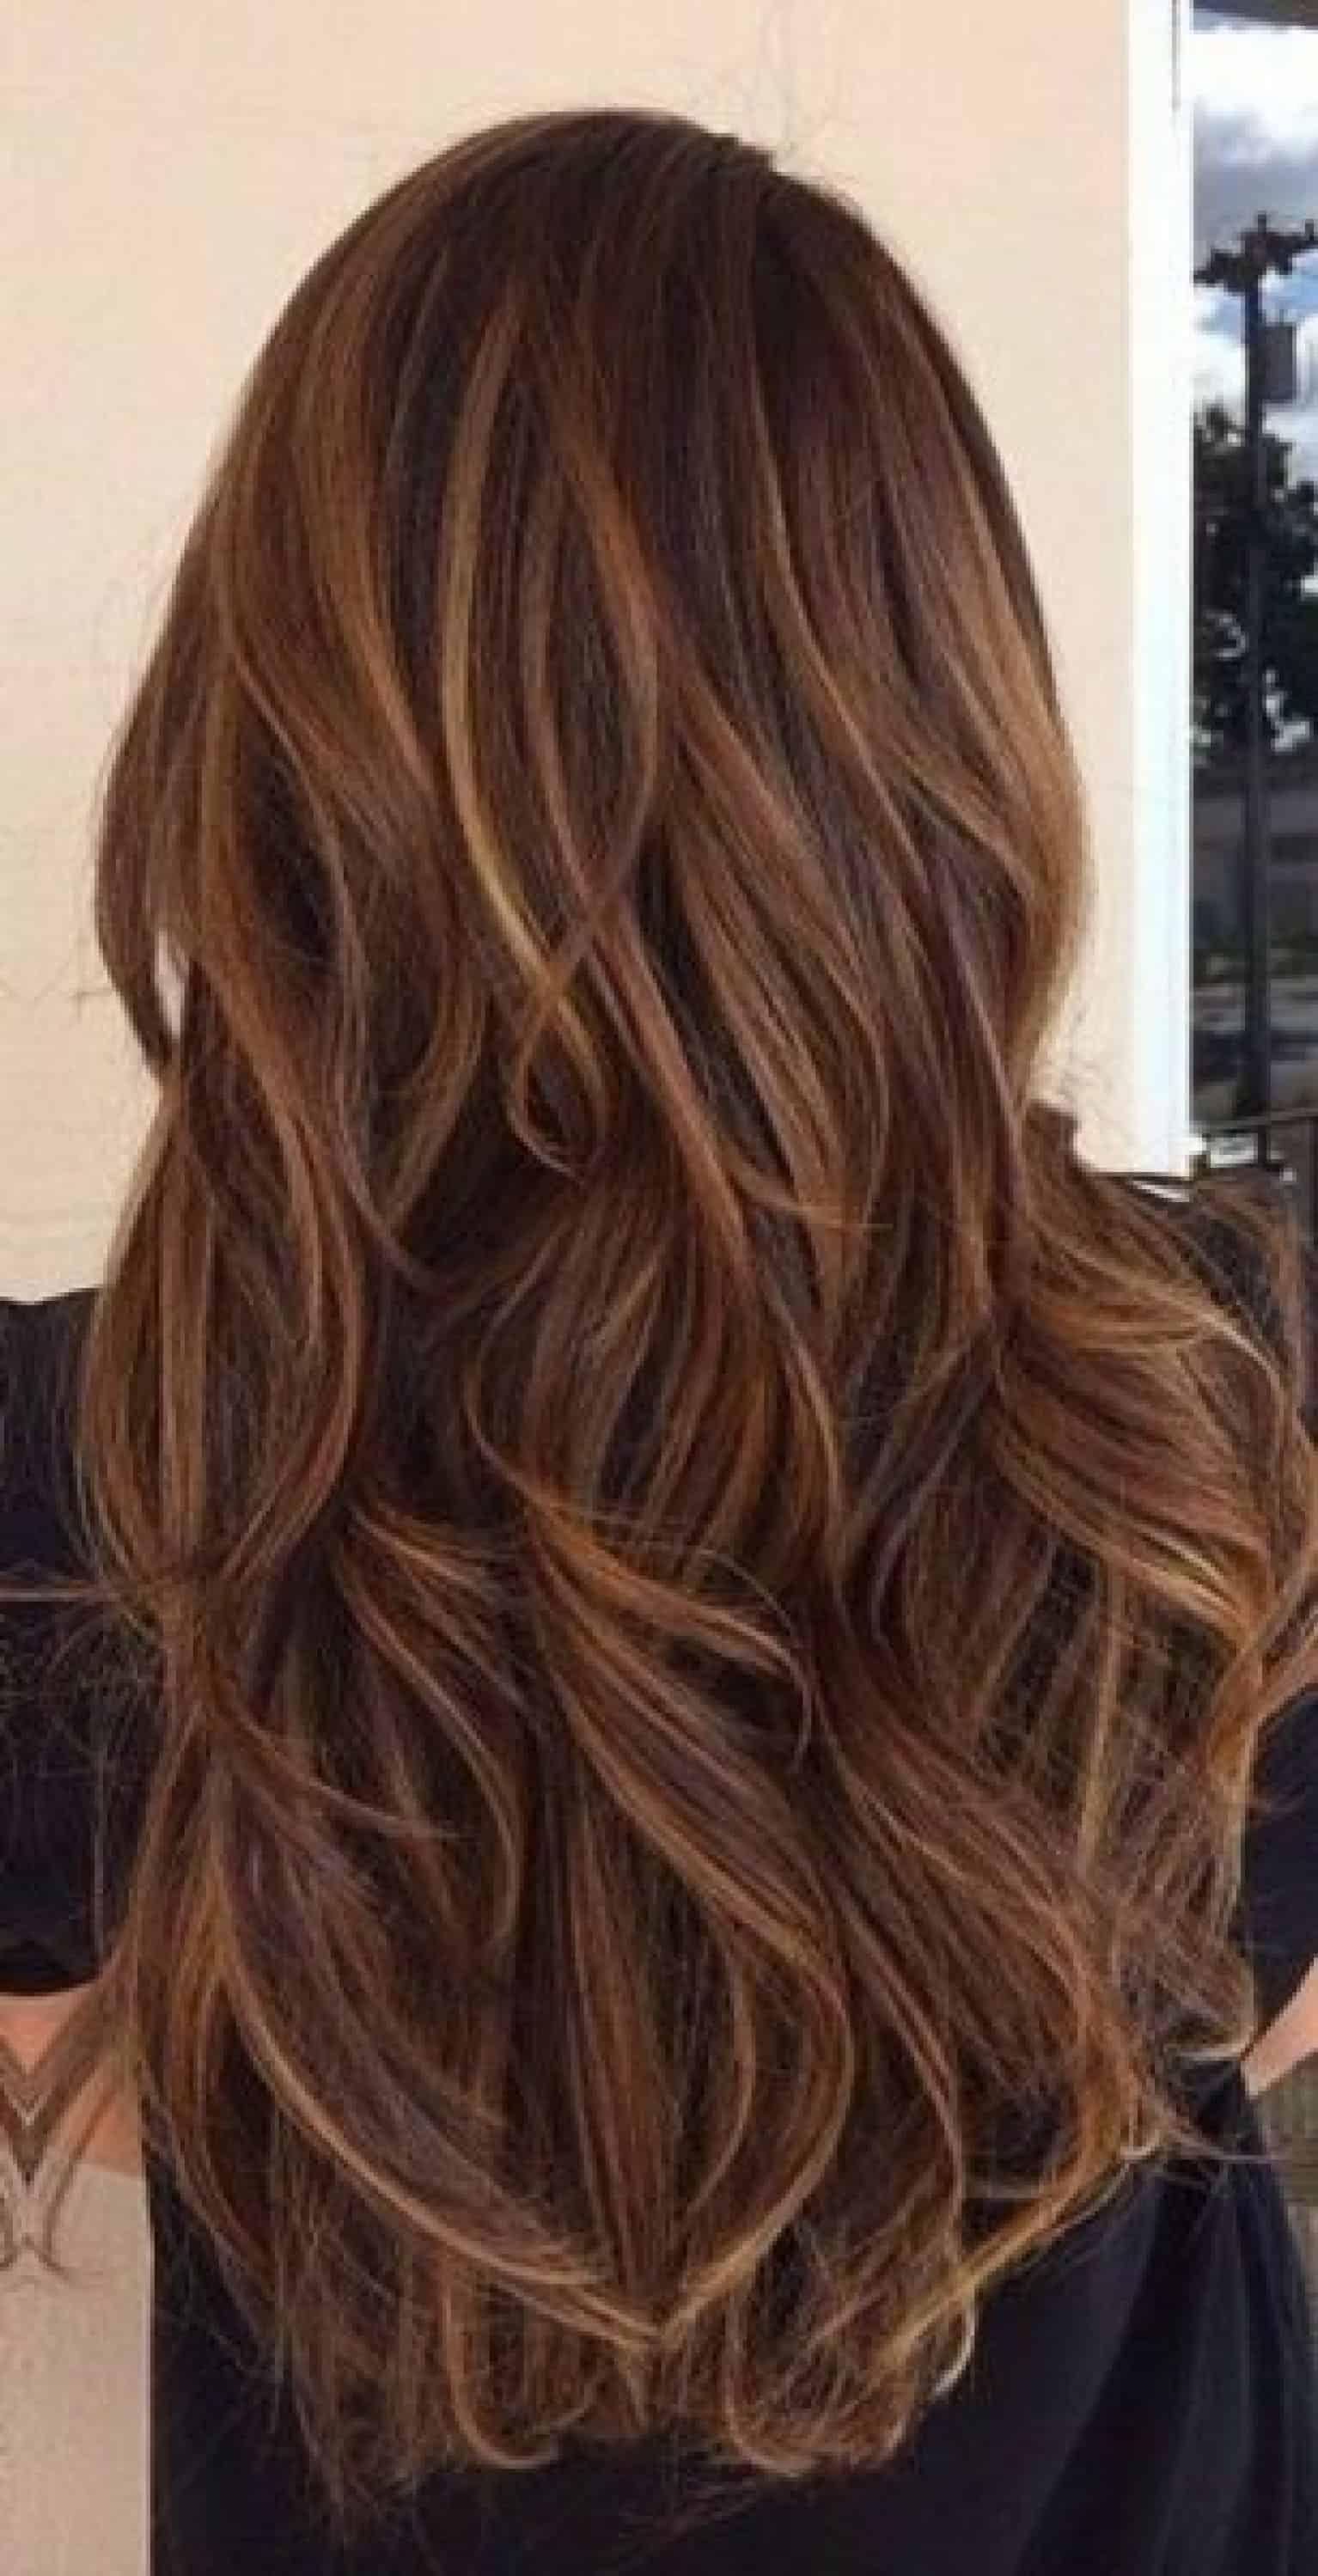 Comment avoir de jolis cheveux 9 astuces efficaces